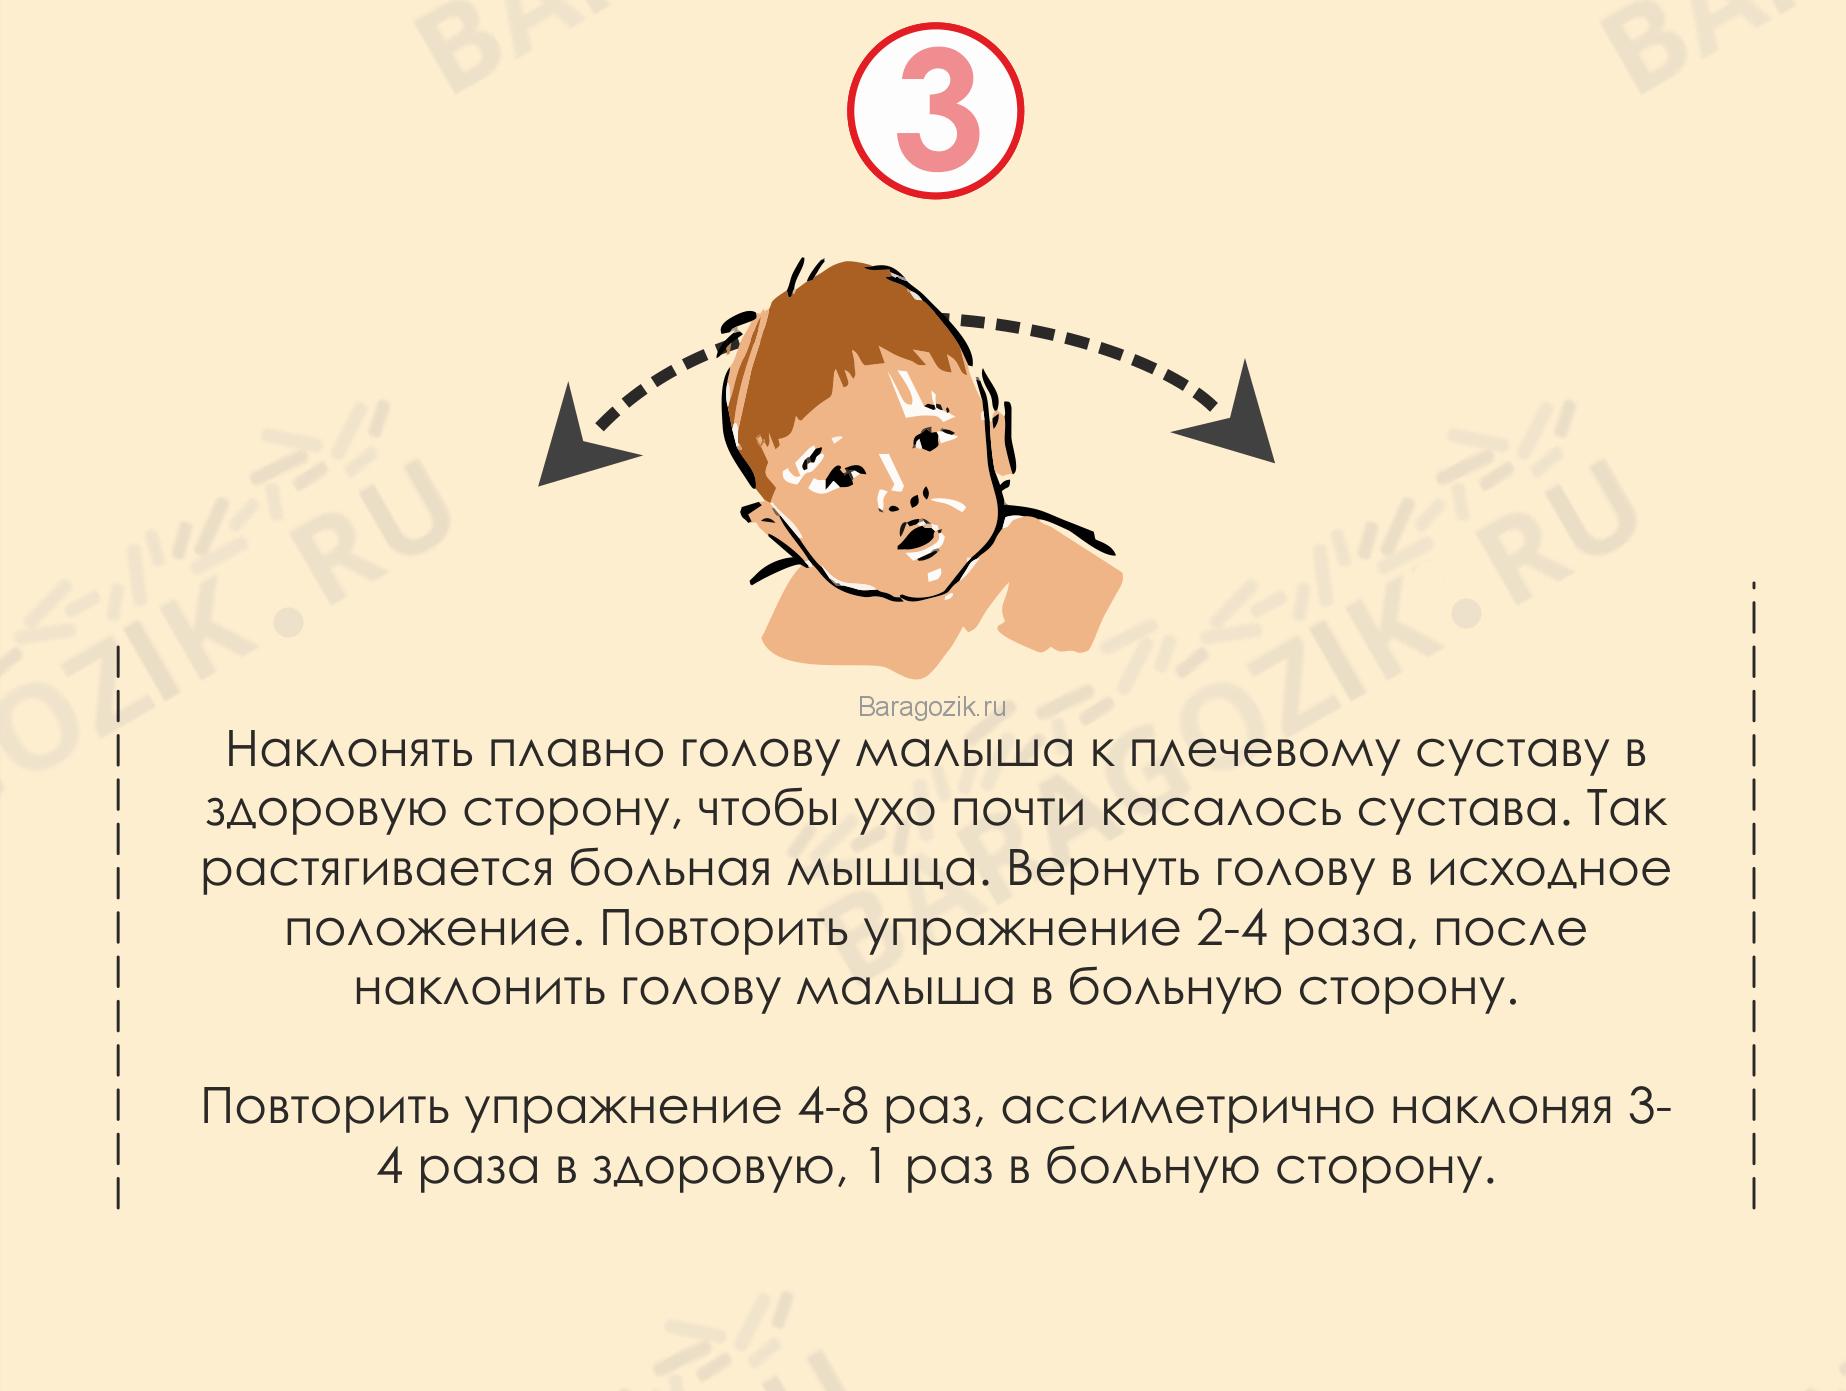 Кривошея у ребенка - упражнение 3